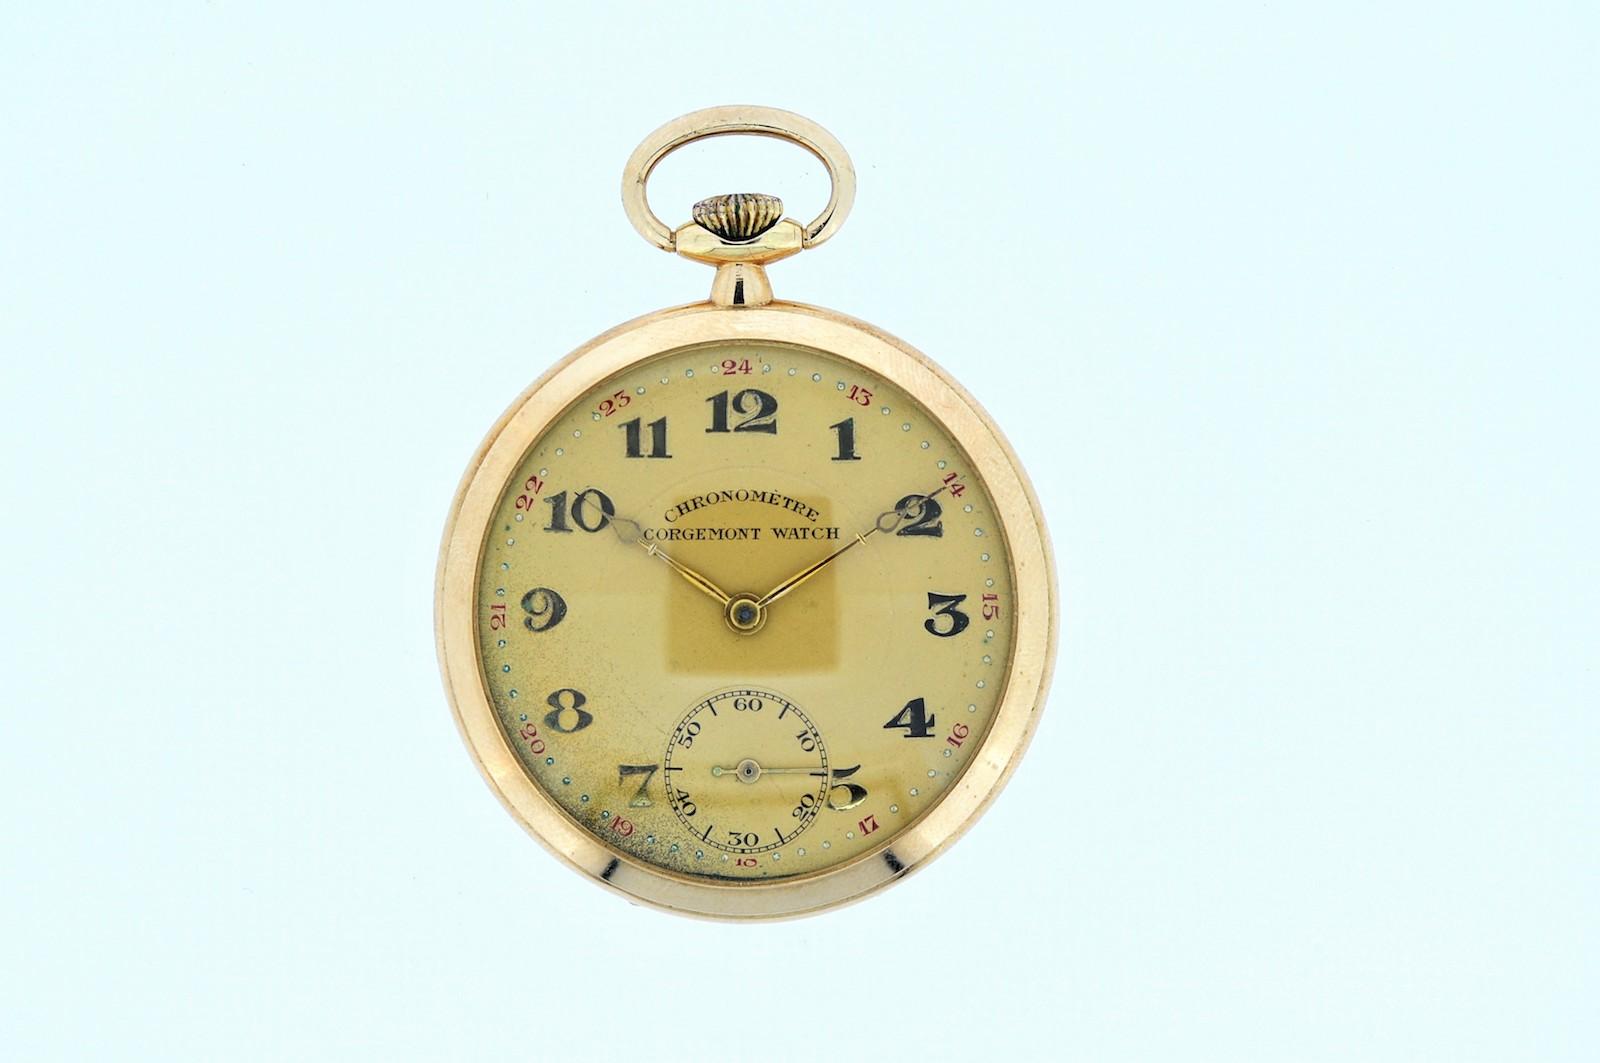 #28 Golden Tail-Coat Watch | Goldene Frackuhr Image